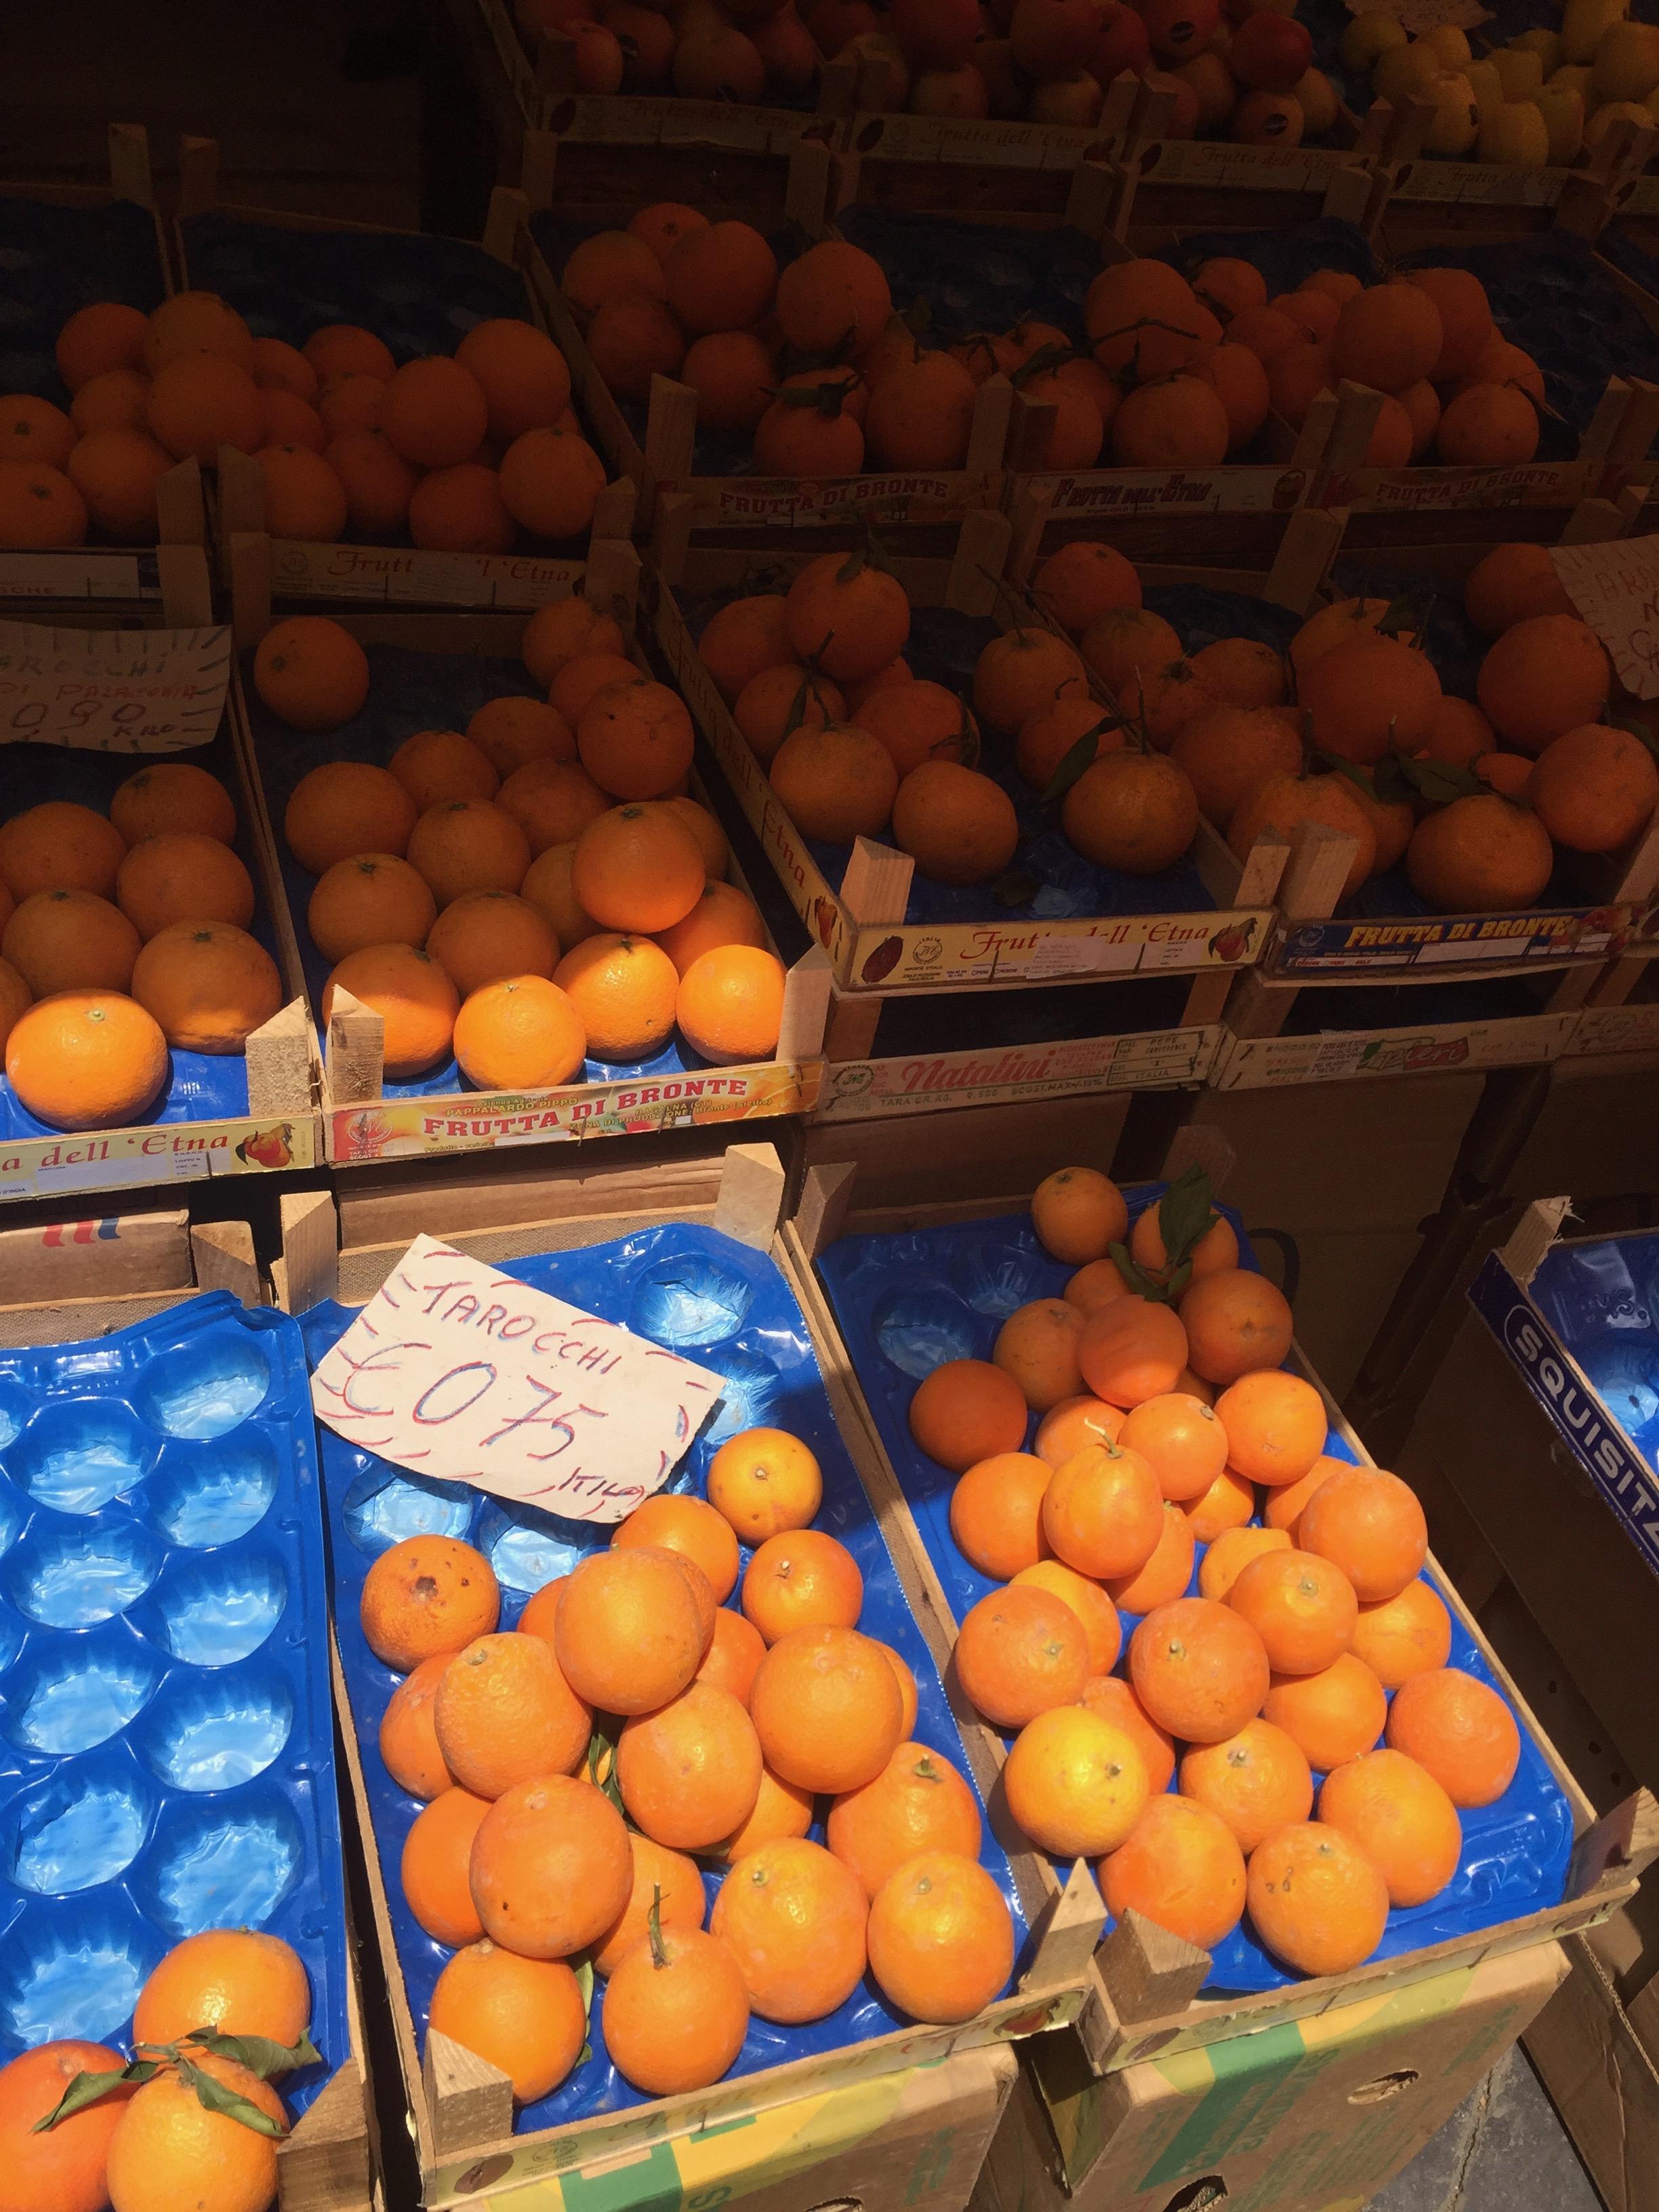 oranges of Sicilia